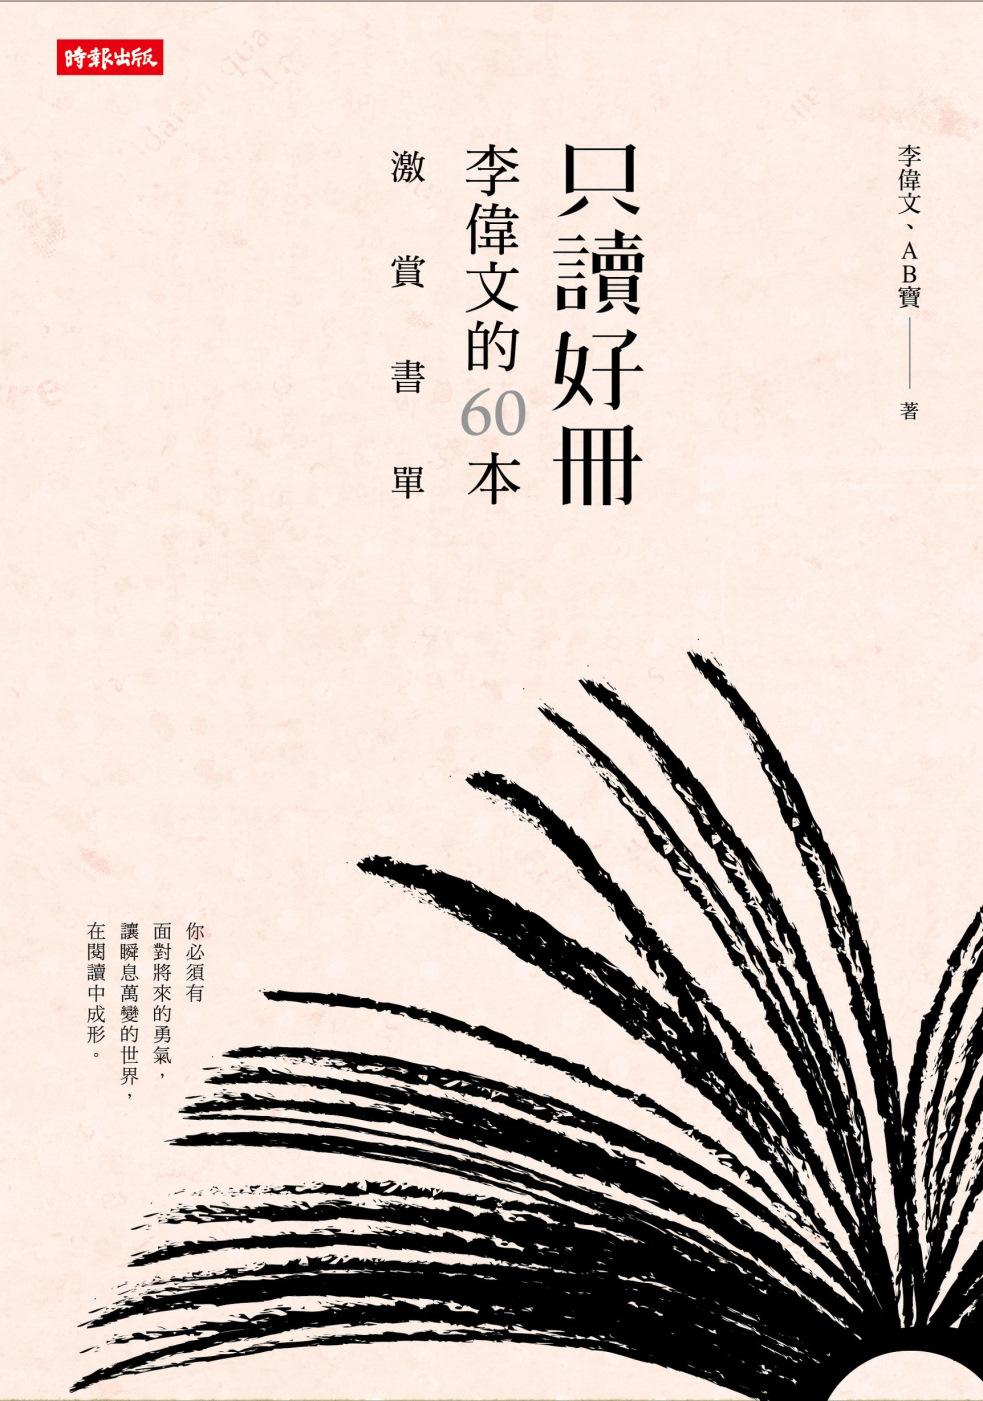 只讀好冊:李偉文的60本激賞書單